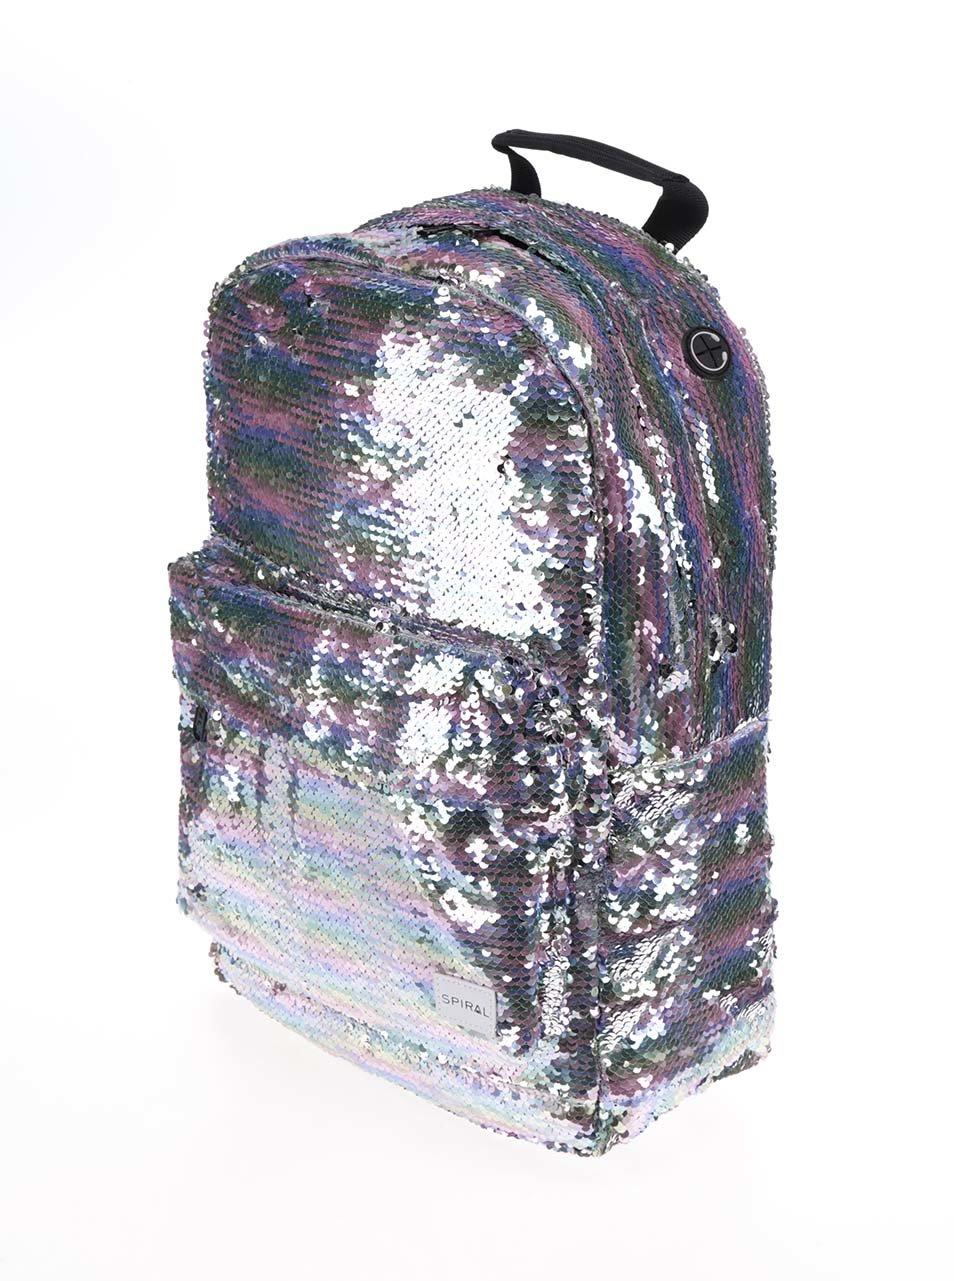 c90f646af7 Dámský batoh s metalickými odlesky a flitry Spiral 18 l ...